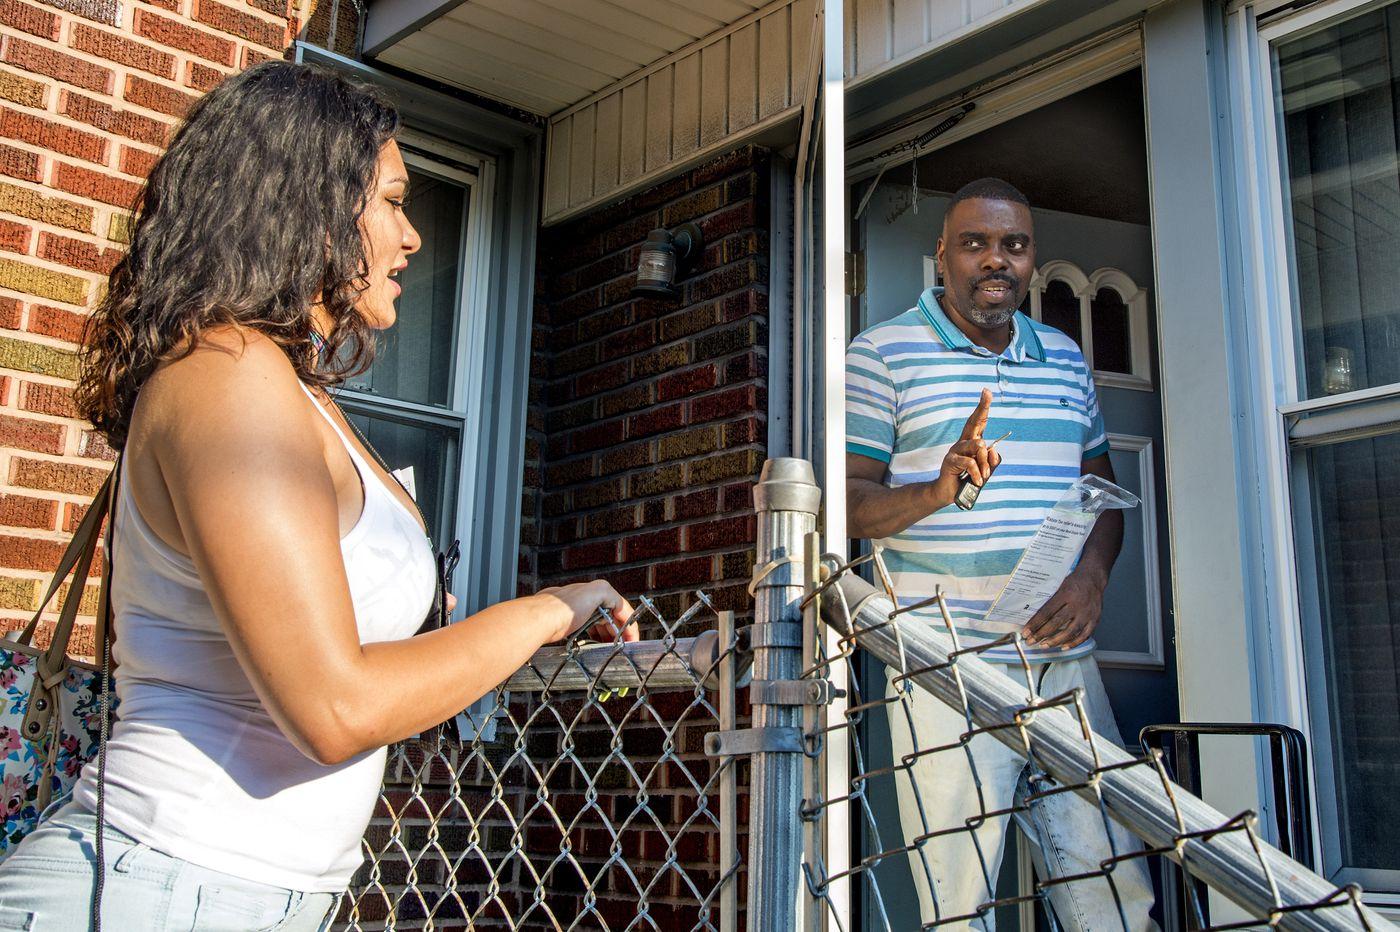 Looking for some relief? City goes door to door touting tax assistance programs